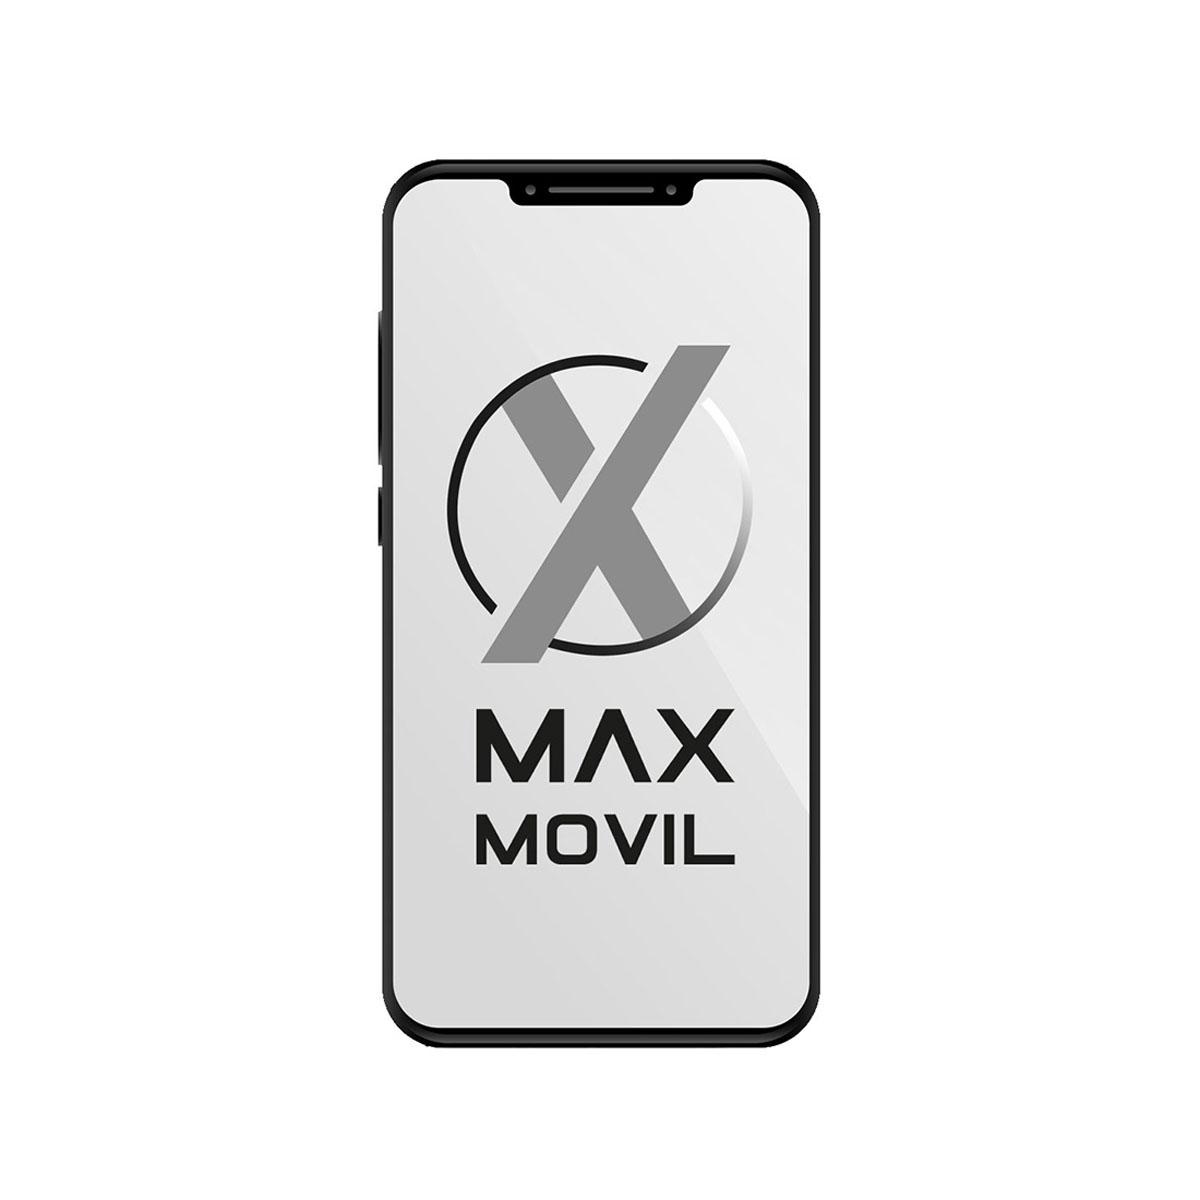 87c24561544c4 Comprar Huawei P8 Lite Single SIM blanco libre · MaxMovil ⓴⓳